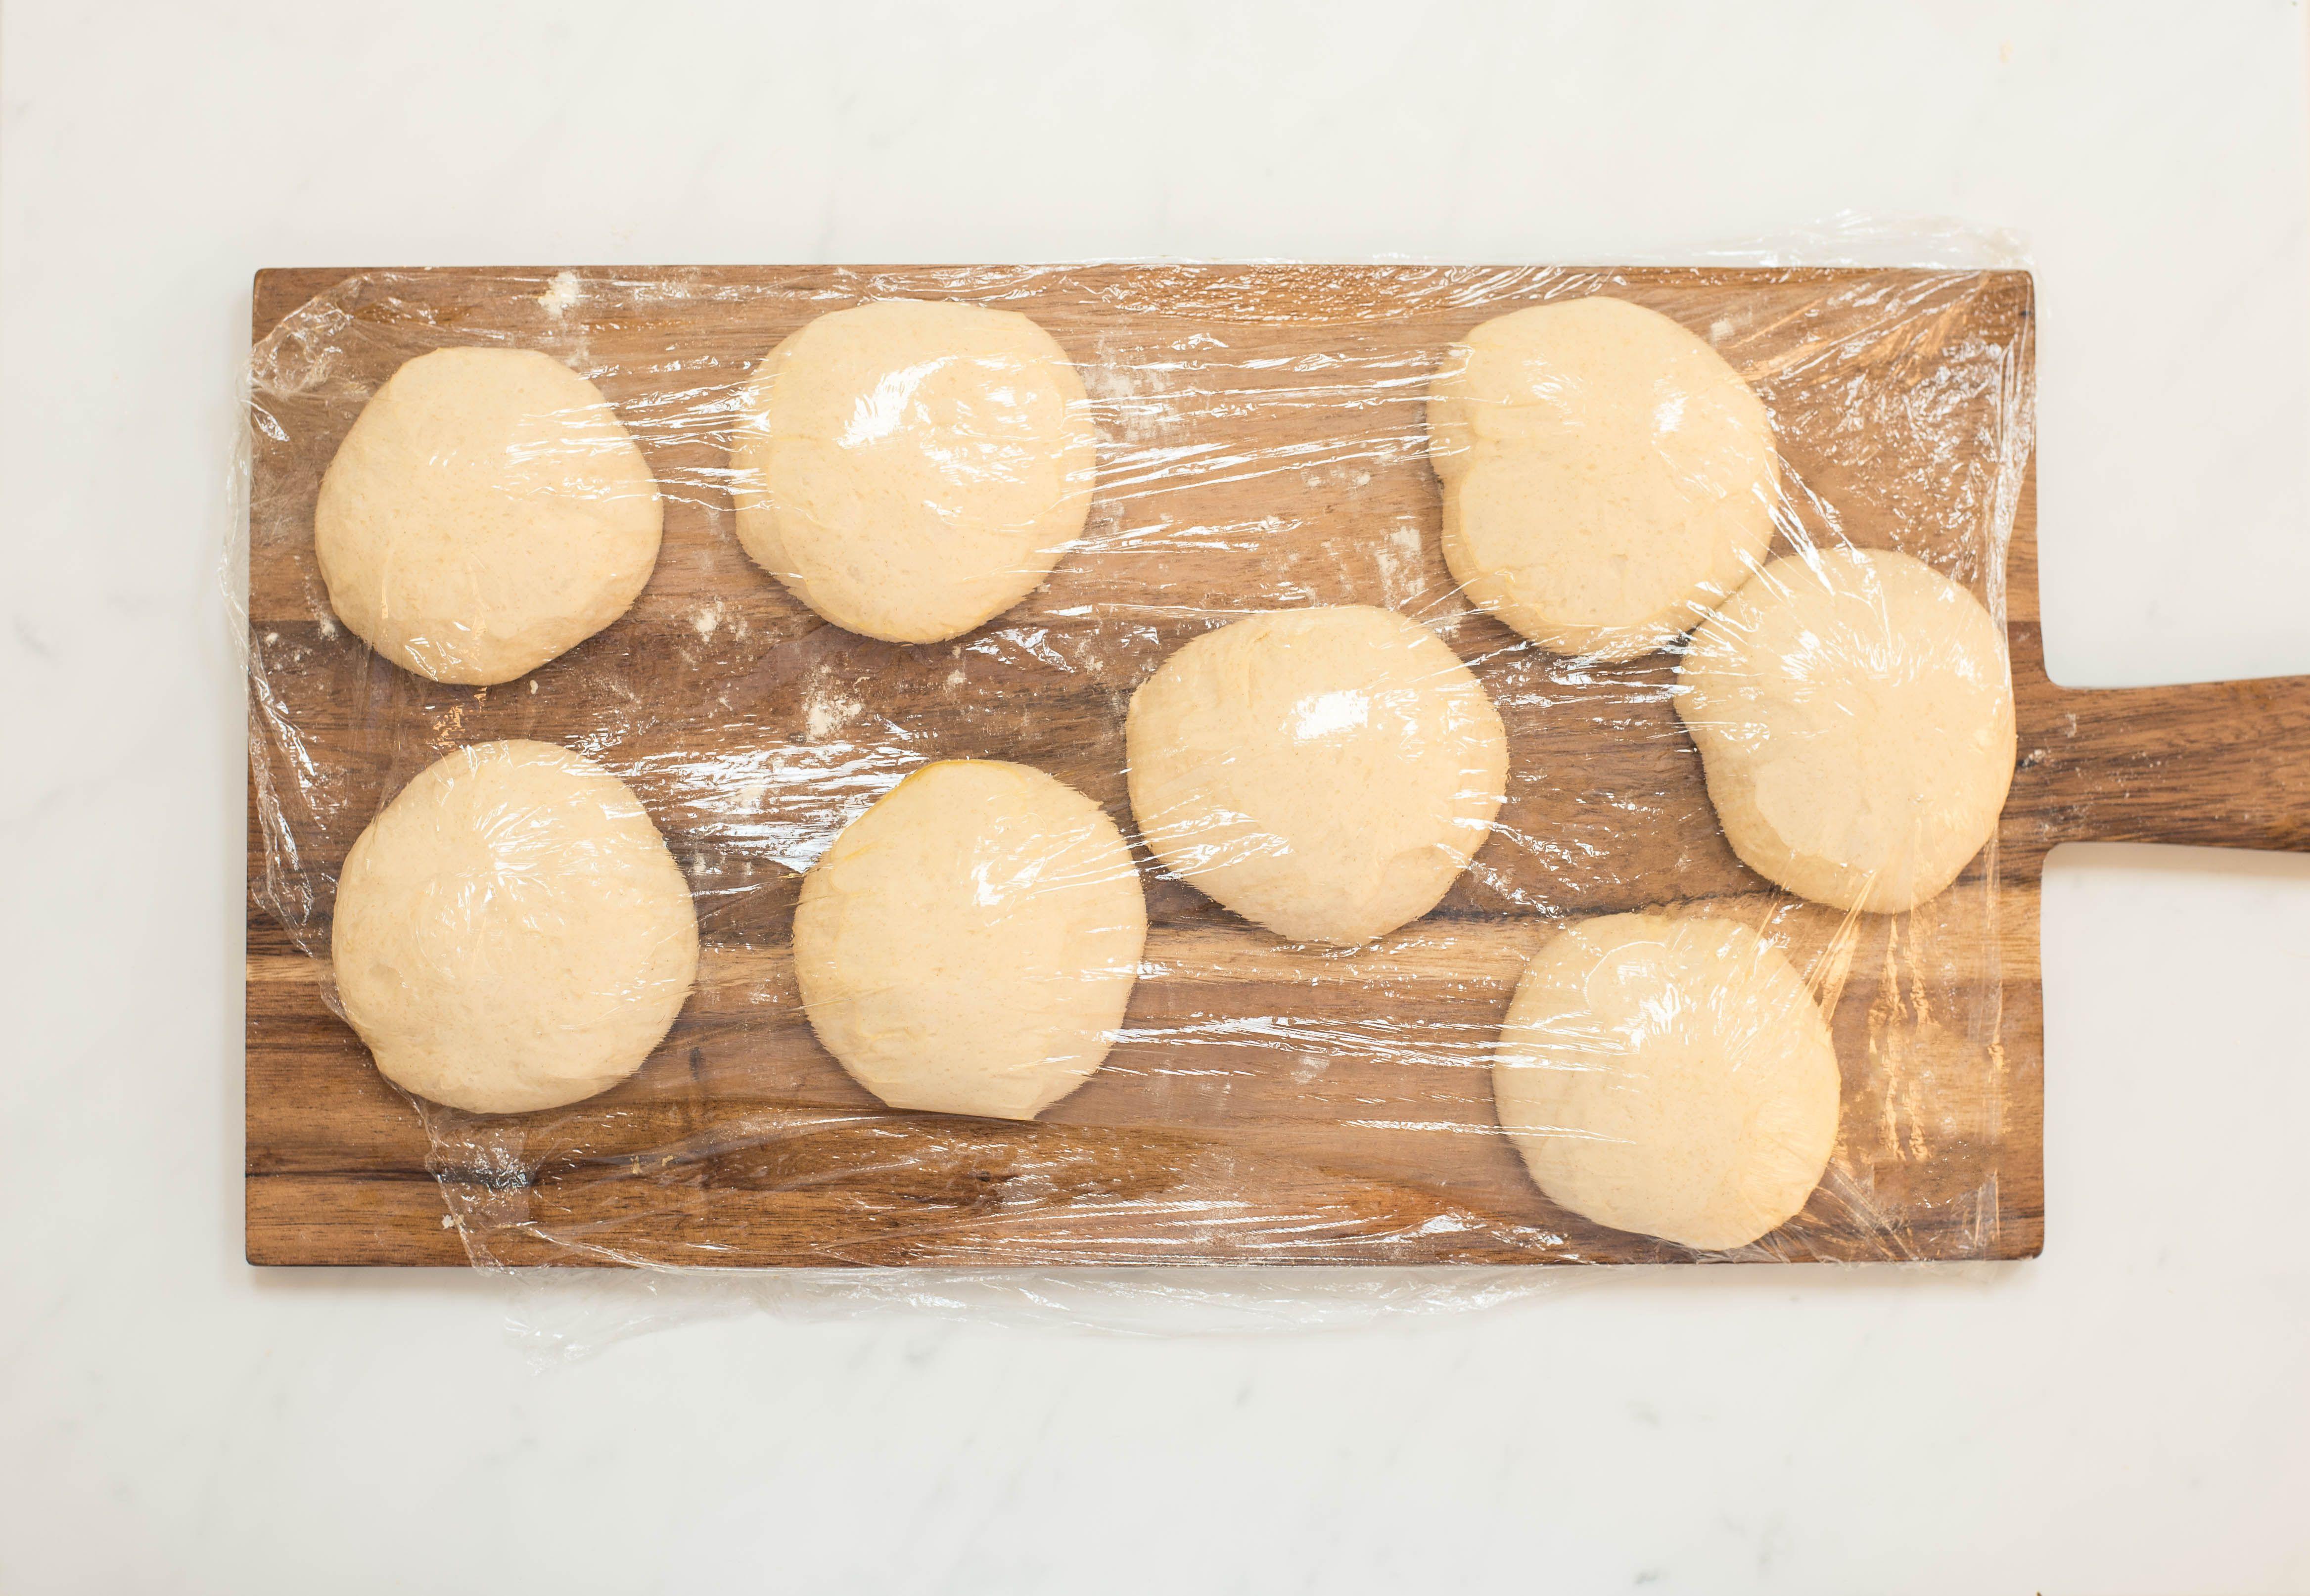 Saran wrap over dough